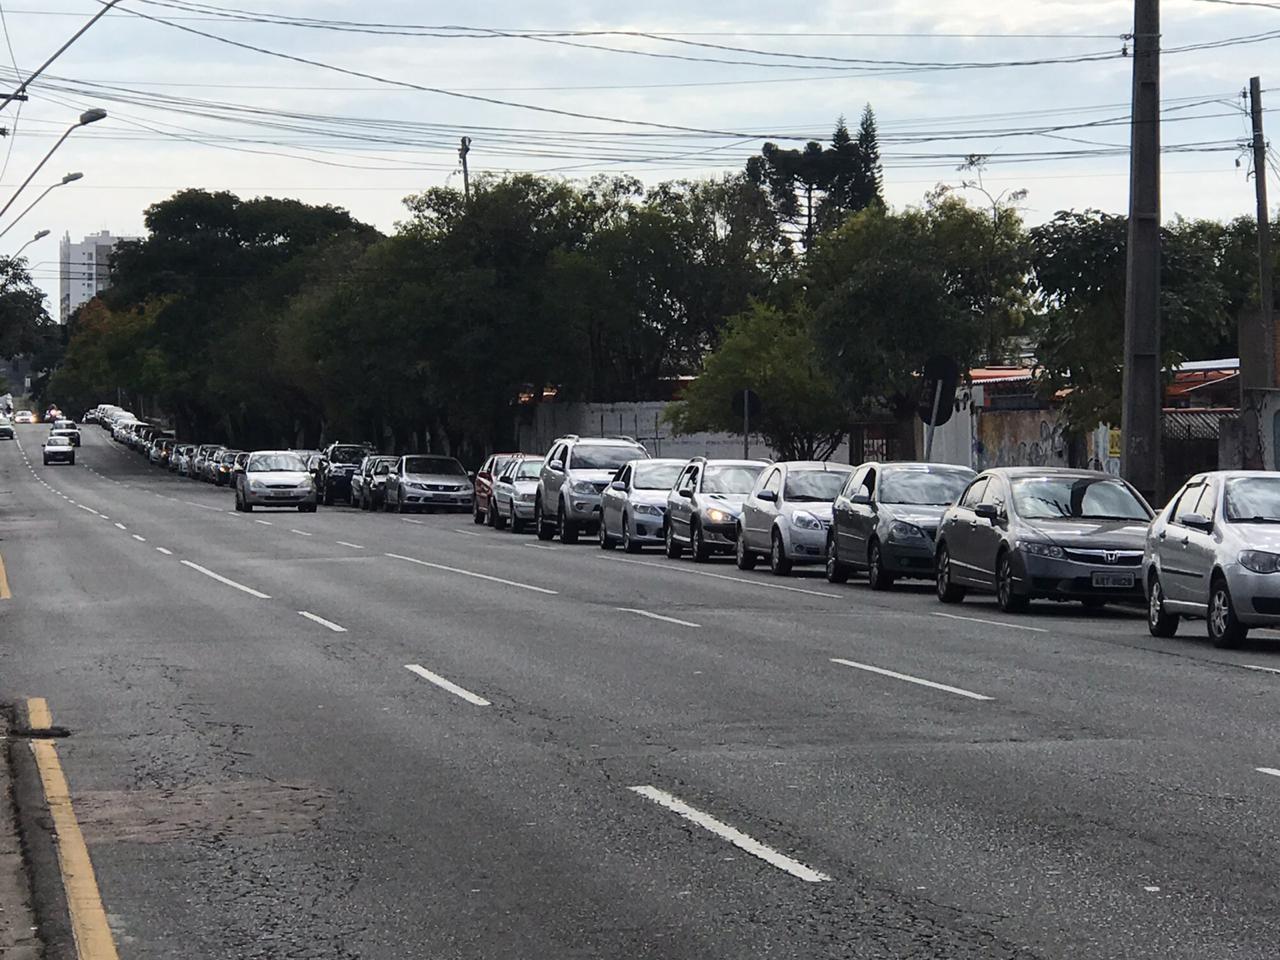 Idosos a partir de 80 anos começam a ser vacinados contra a gripe, em Curitiba; 'drive thru' tem fila de 3 km